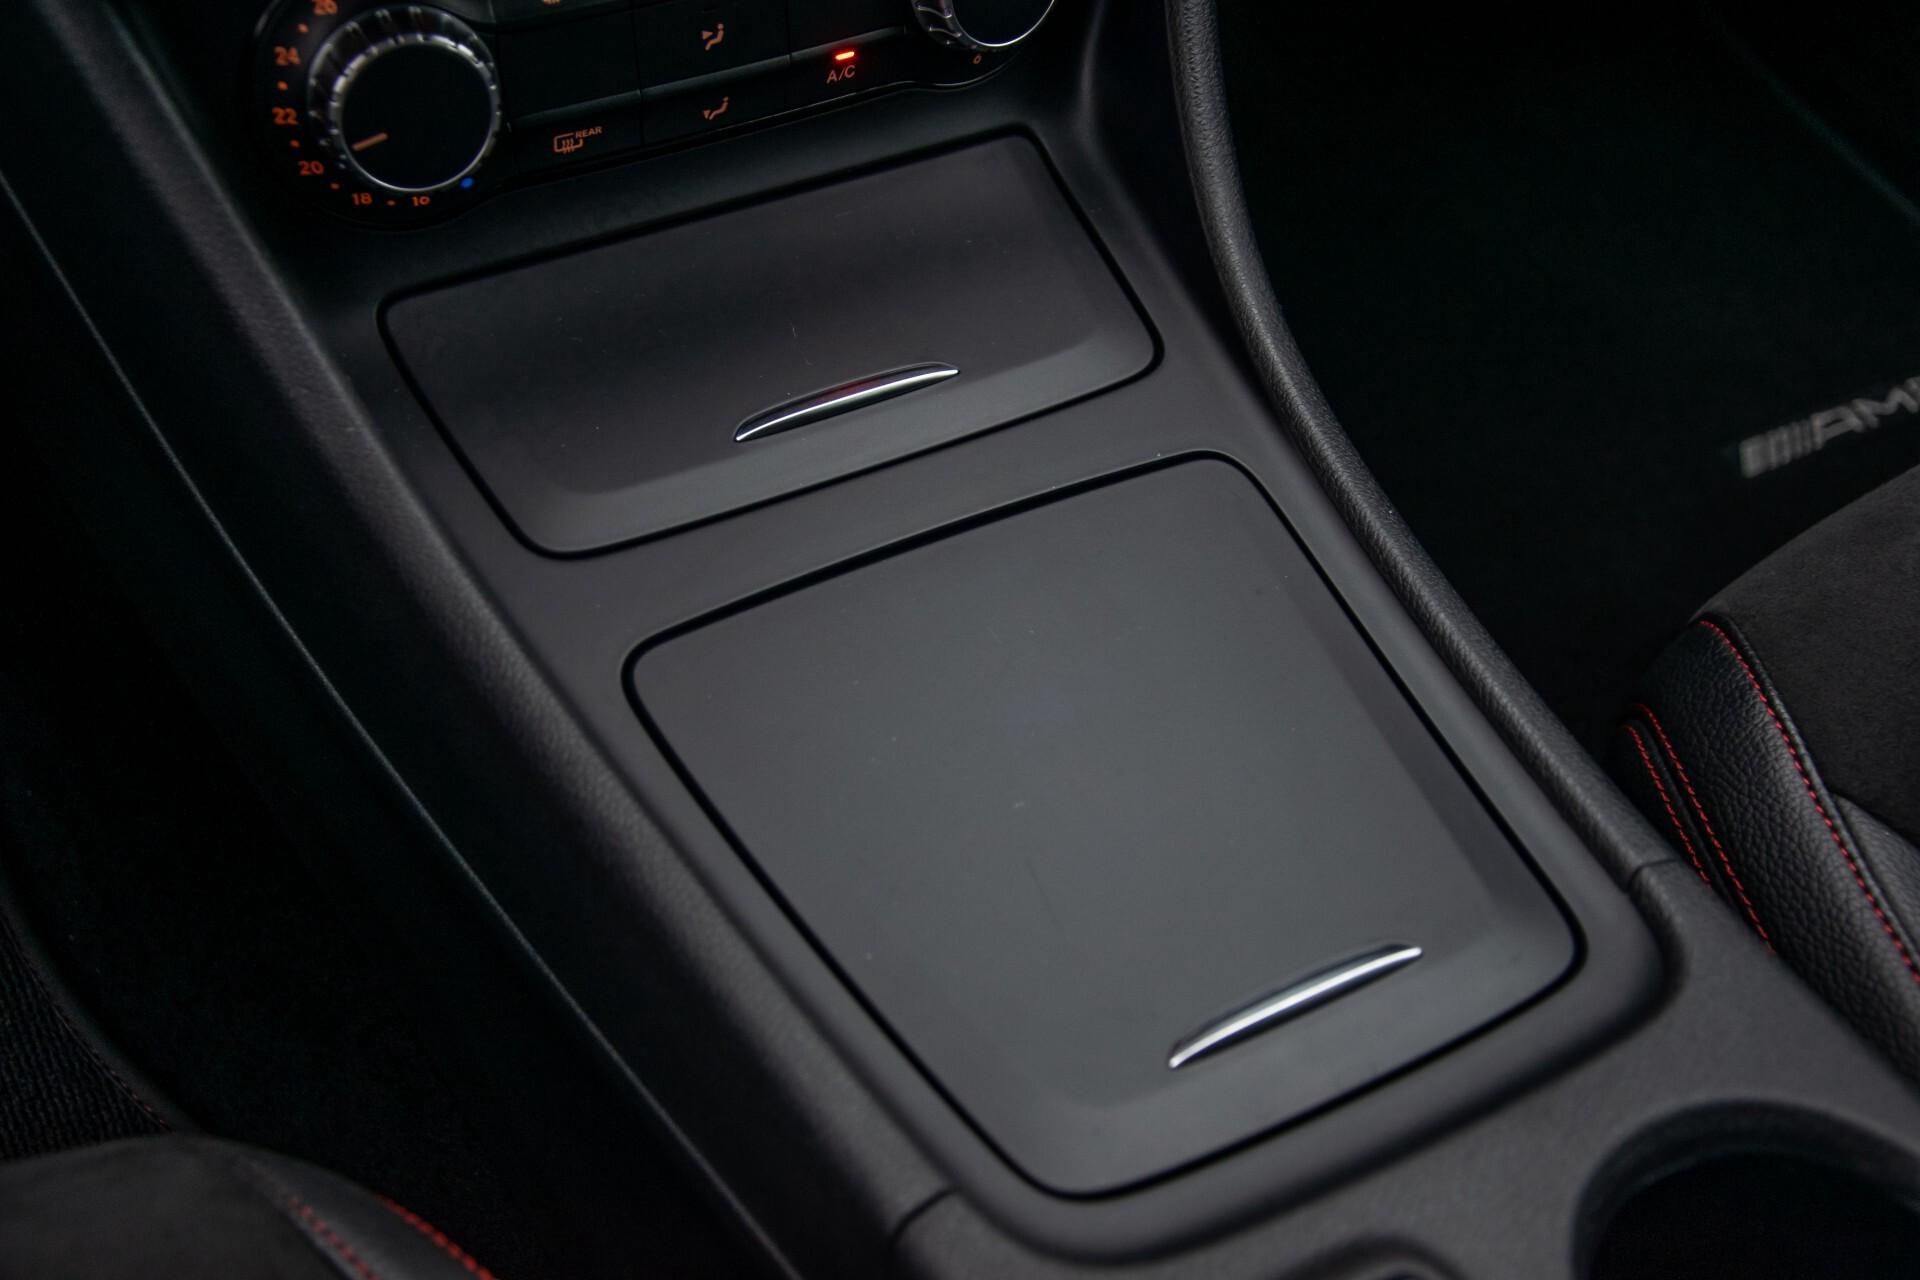 Mercedes-Benz A-Klasse 180 AMG Dynamic Handling/Camera/Xenon/Navi/Privacy Aut7 Foto 26